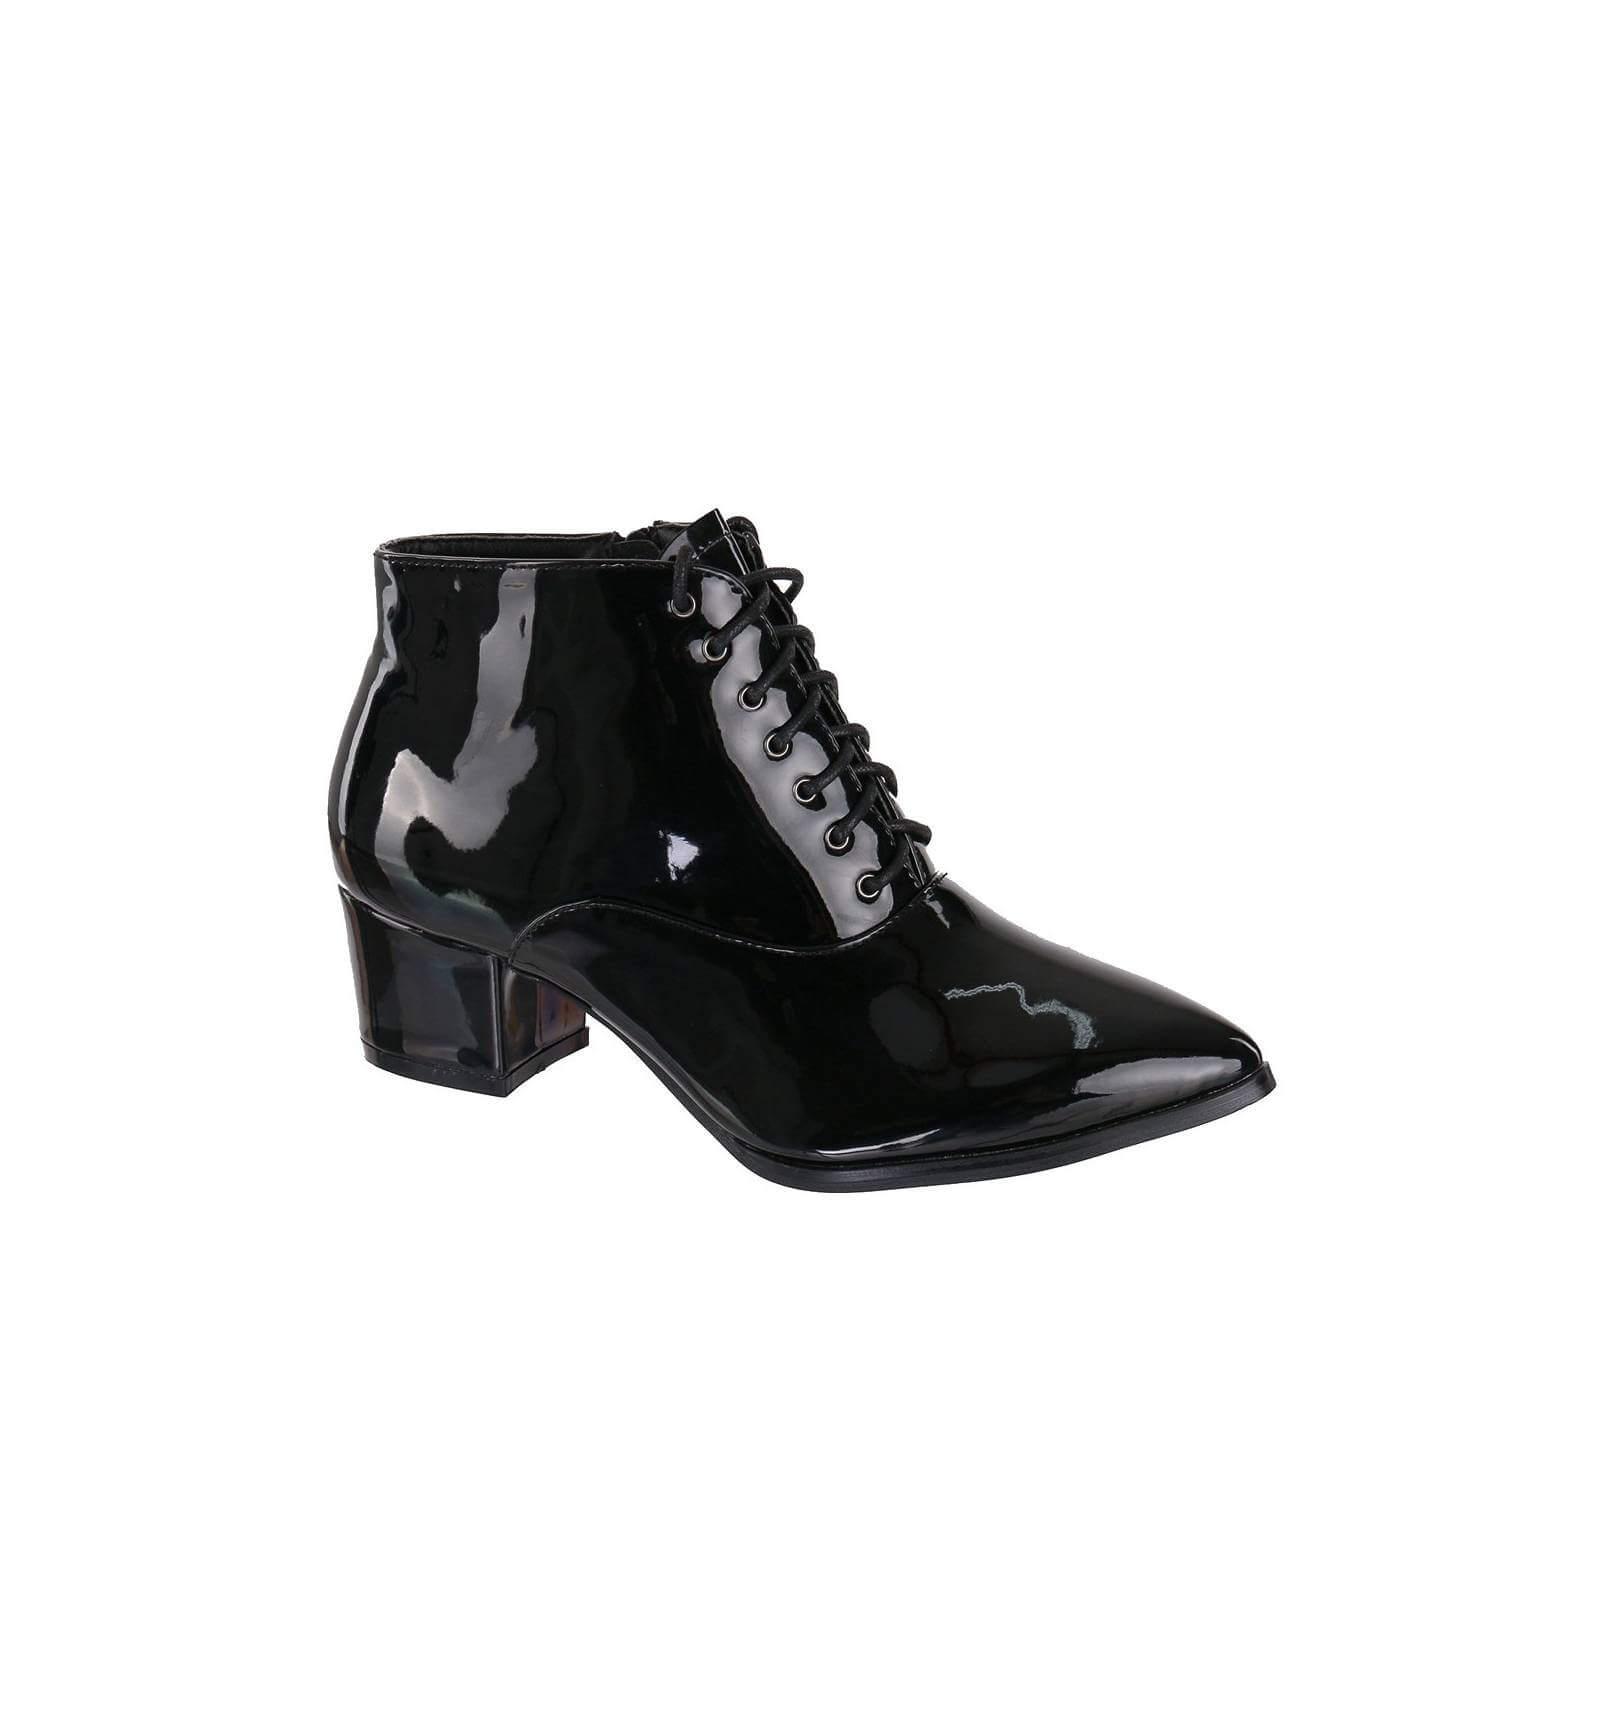 bottines simili cuir brillant pour femme talon et lacets bout pointu couleur noir mod le british. Black Bedroom Furniture Sets. Home Design Ideas